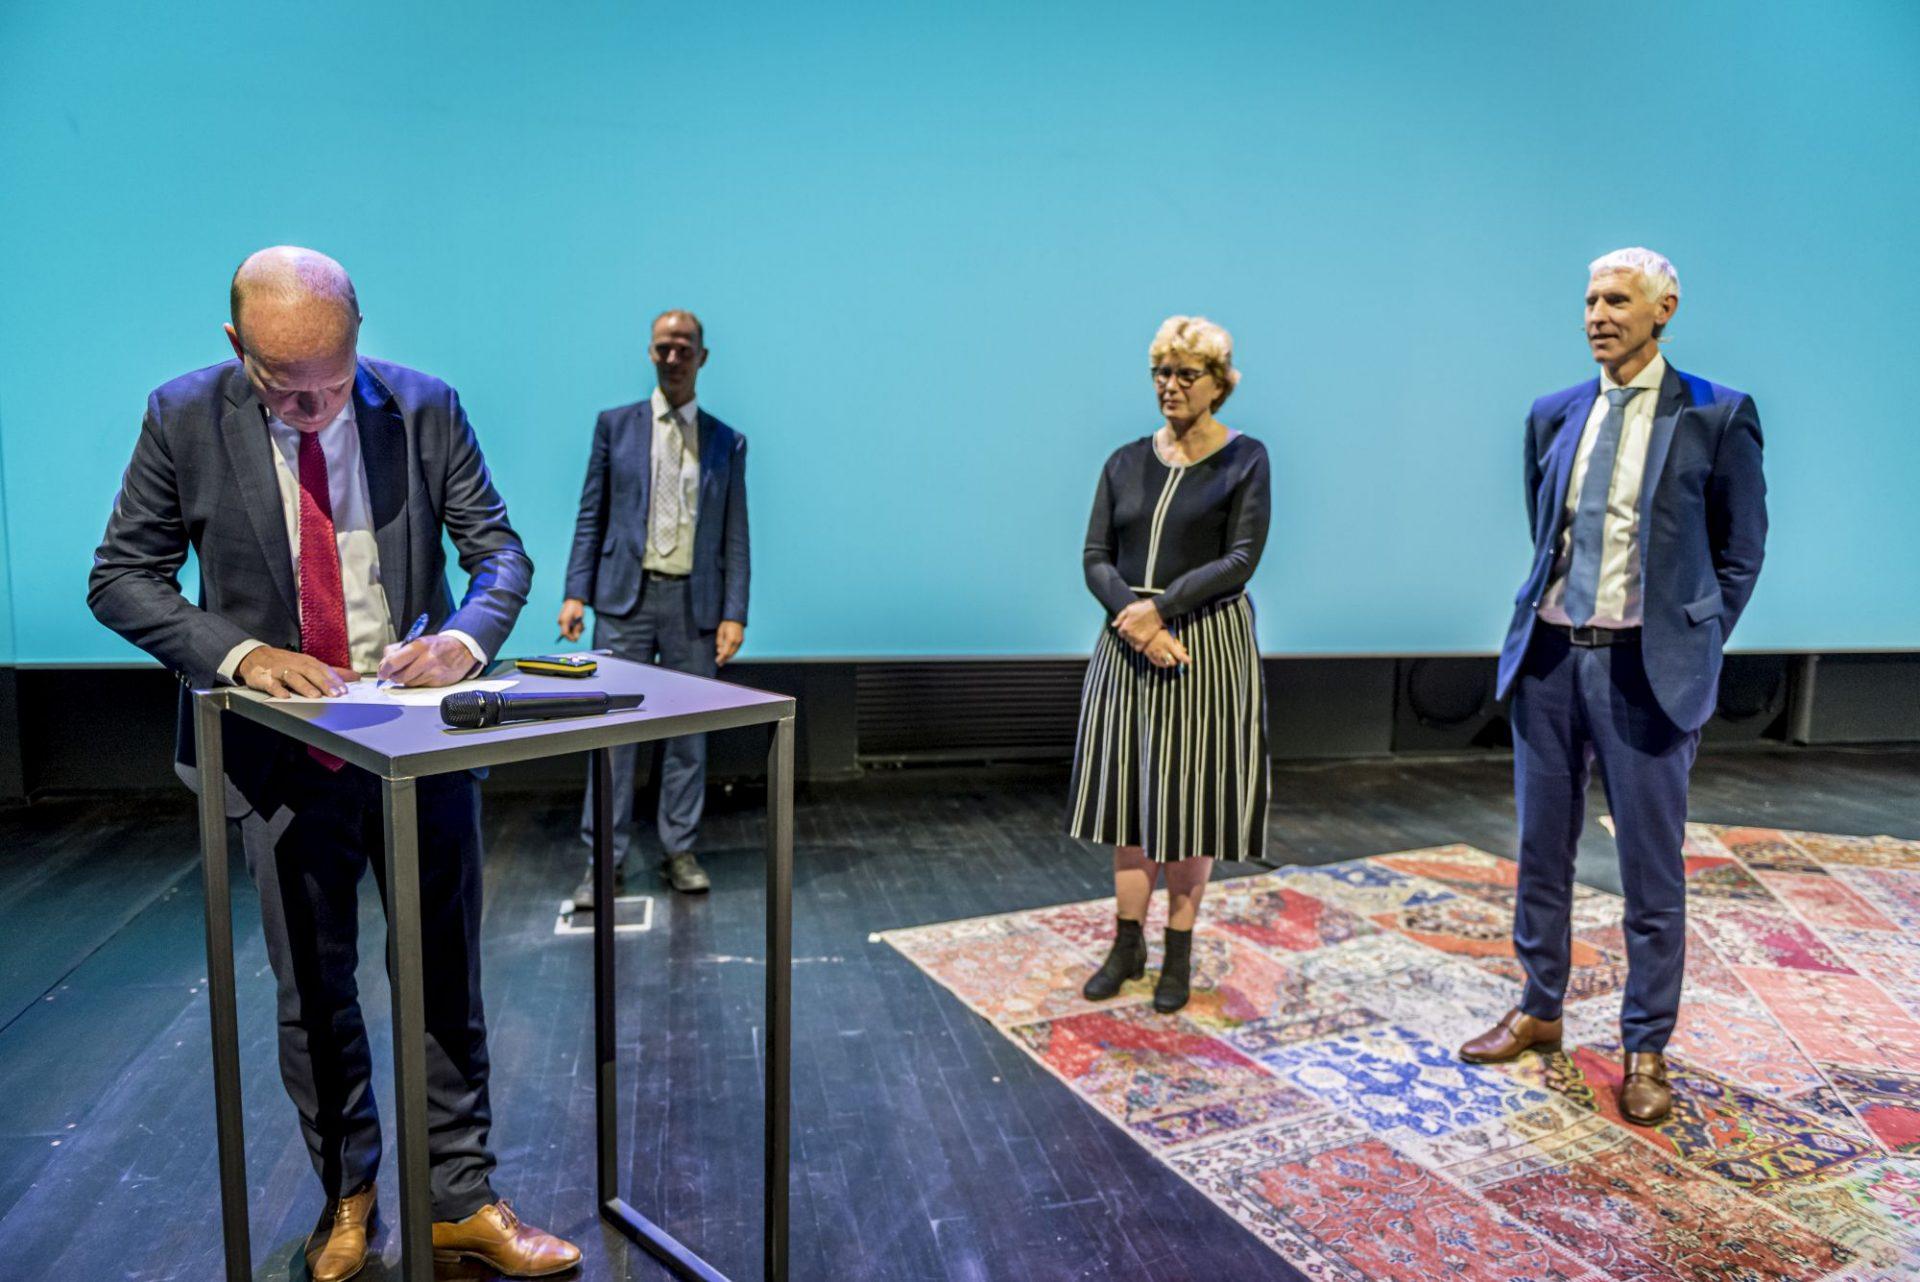 Campus Community Fund investeert in Campus Groningen voor impact op de wereld van morgen